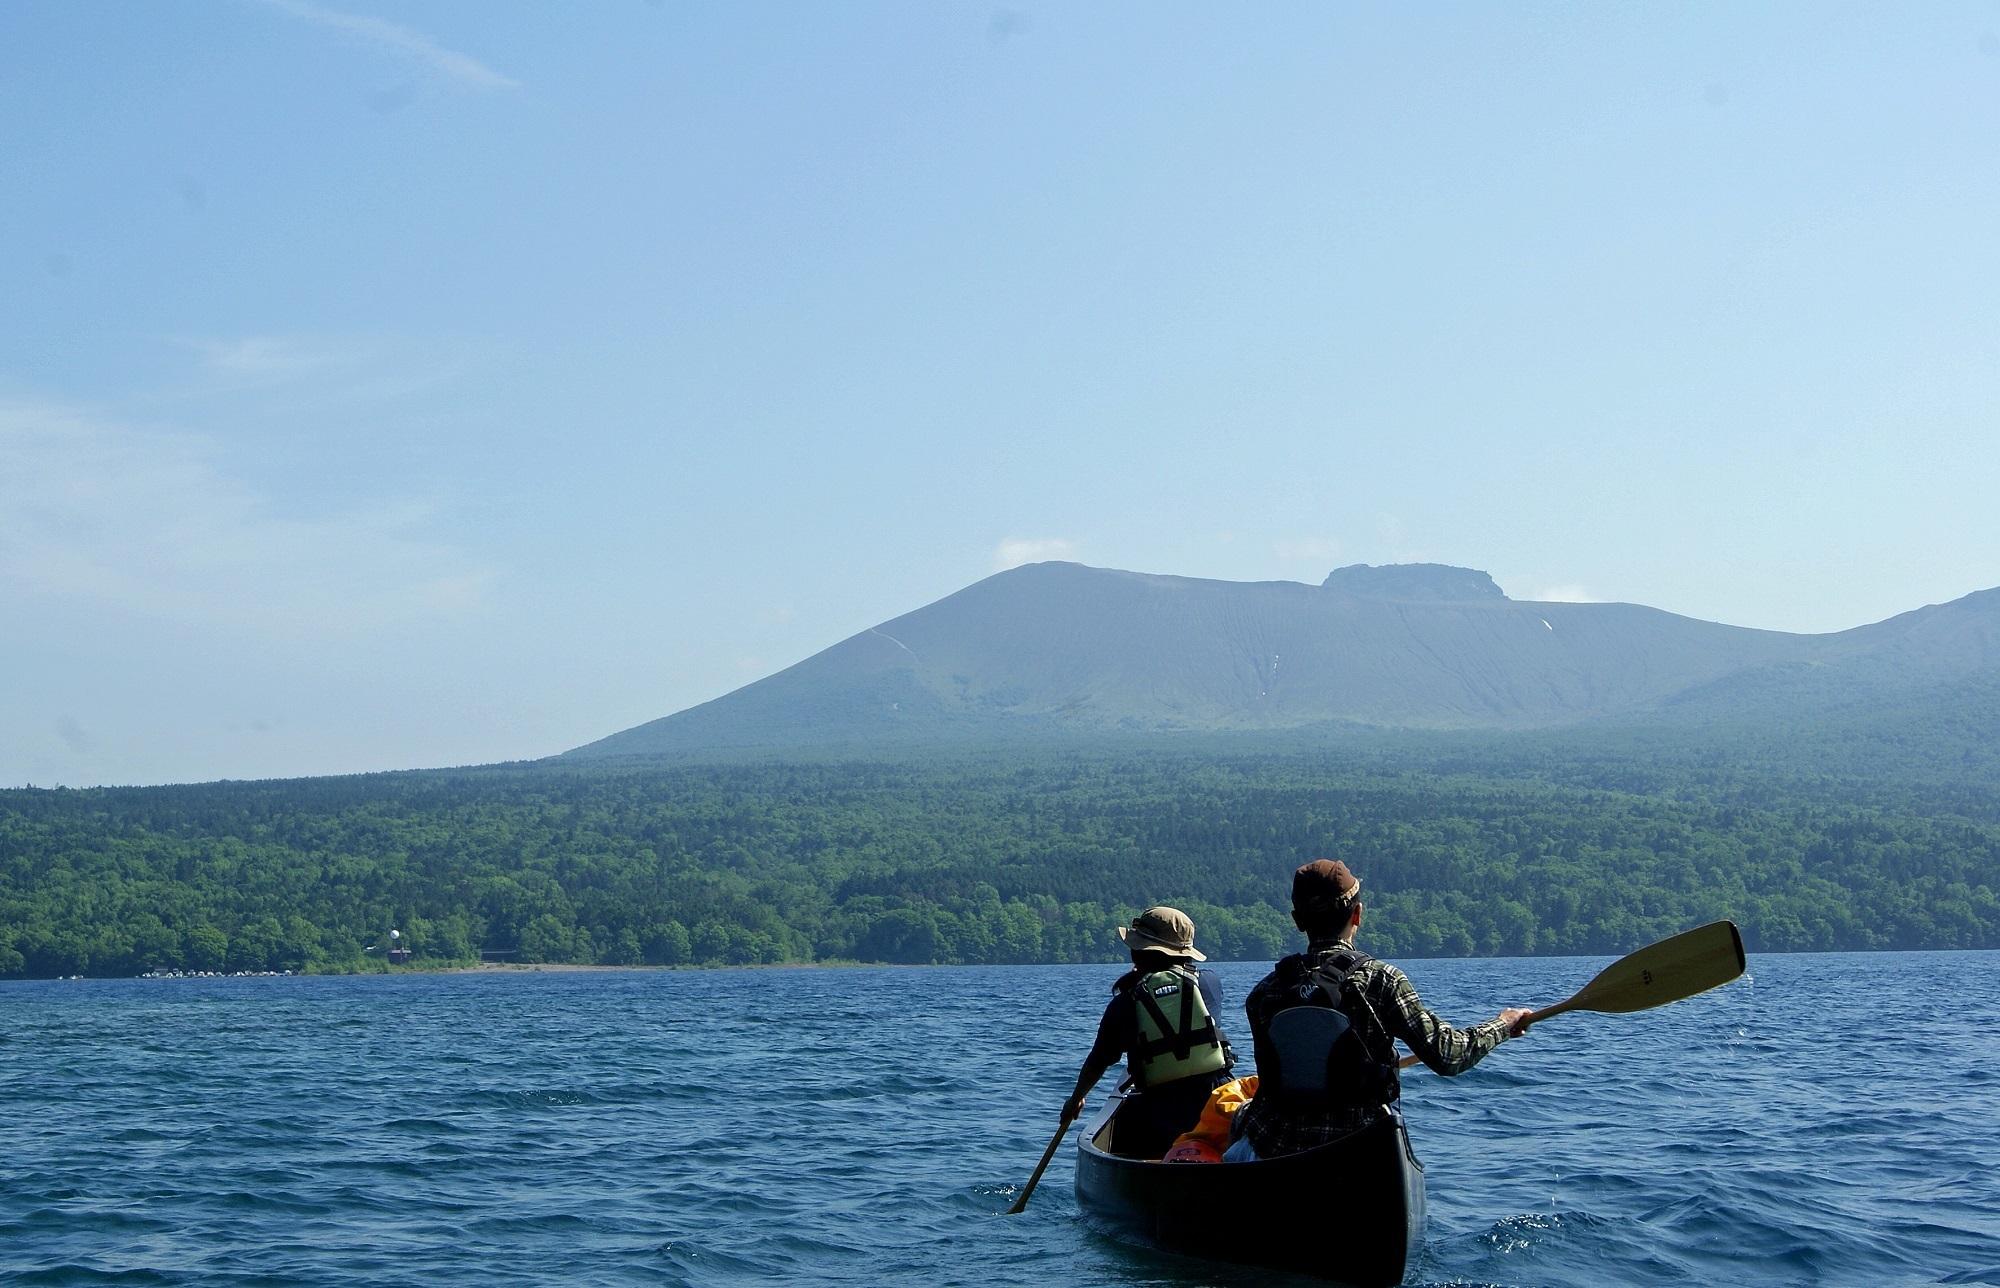 支笏湖と田沢湖が水質日本一に認定!2つの「休暇村」で記念宿泊プランを同時販売